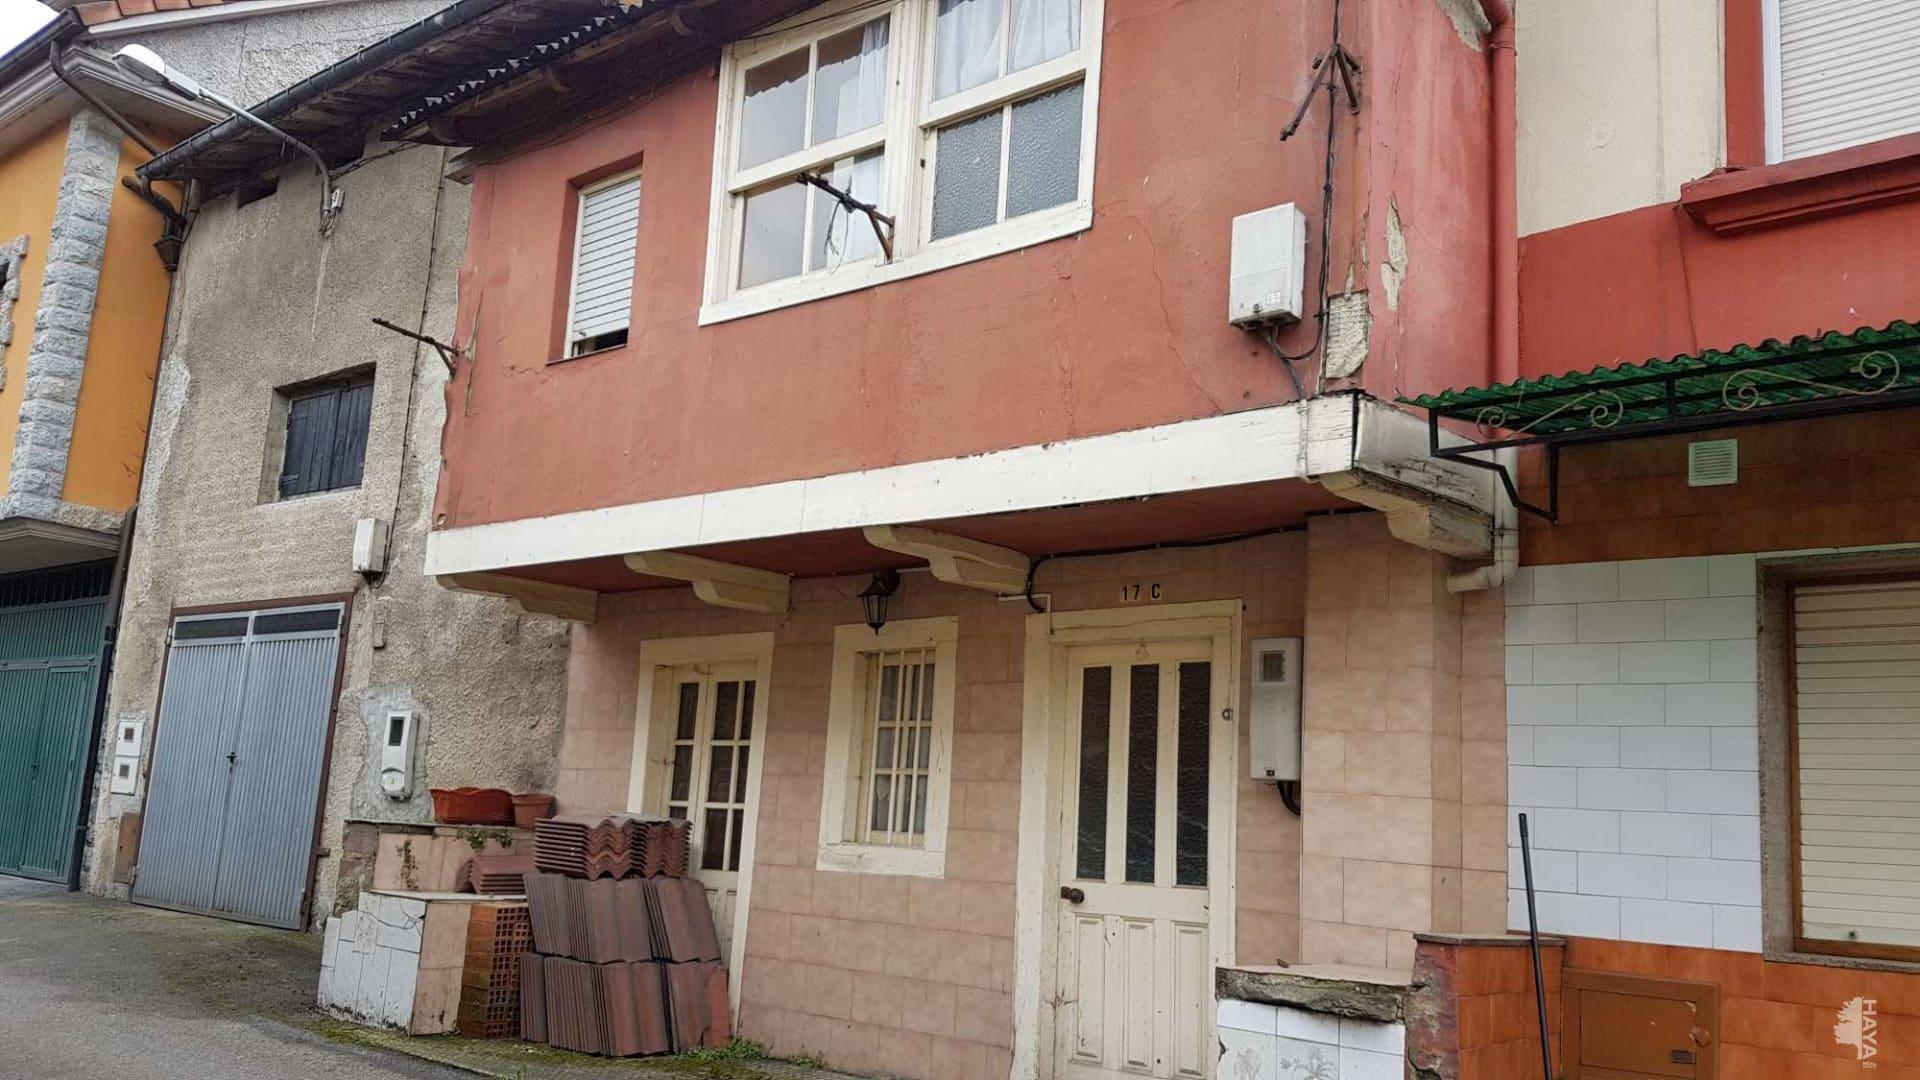 Casa en venta en Gozón, Asturias, Calle Villoria, 19.881 €, 3 habitaciones, 1 baño, 86 m2